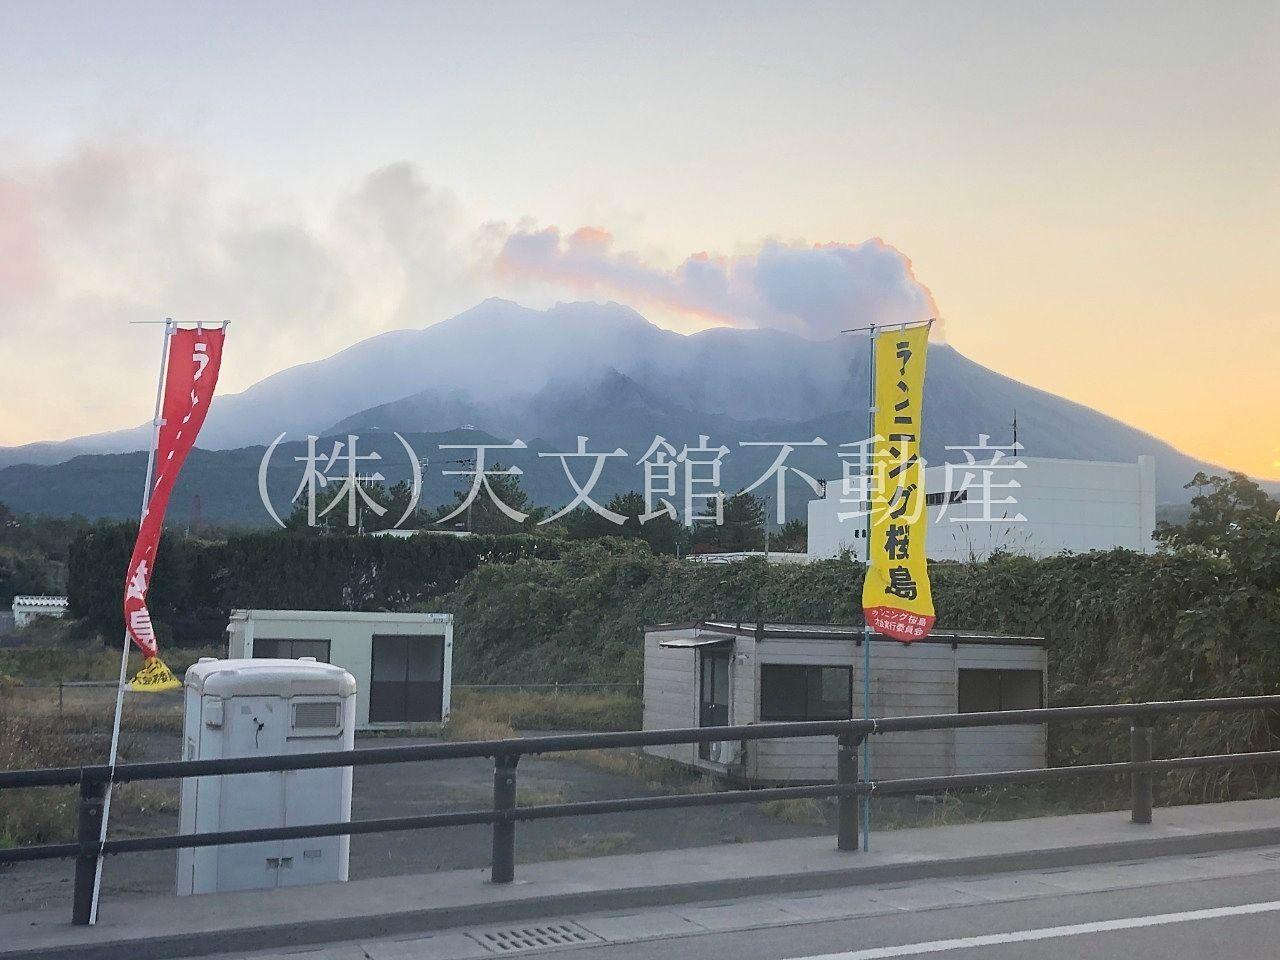 ランニング桜島に参加した時の桜島の風景。桜島マラソン